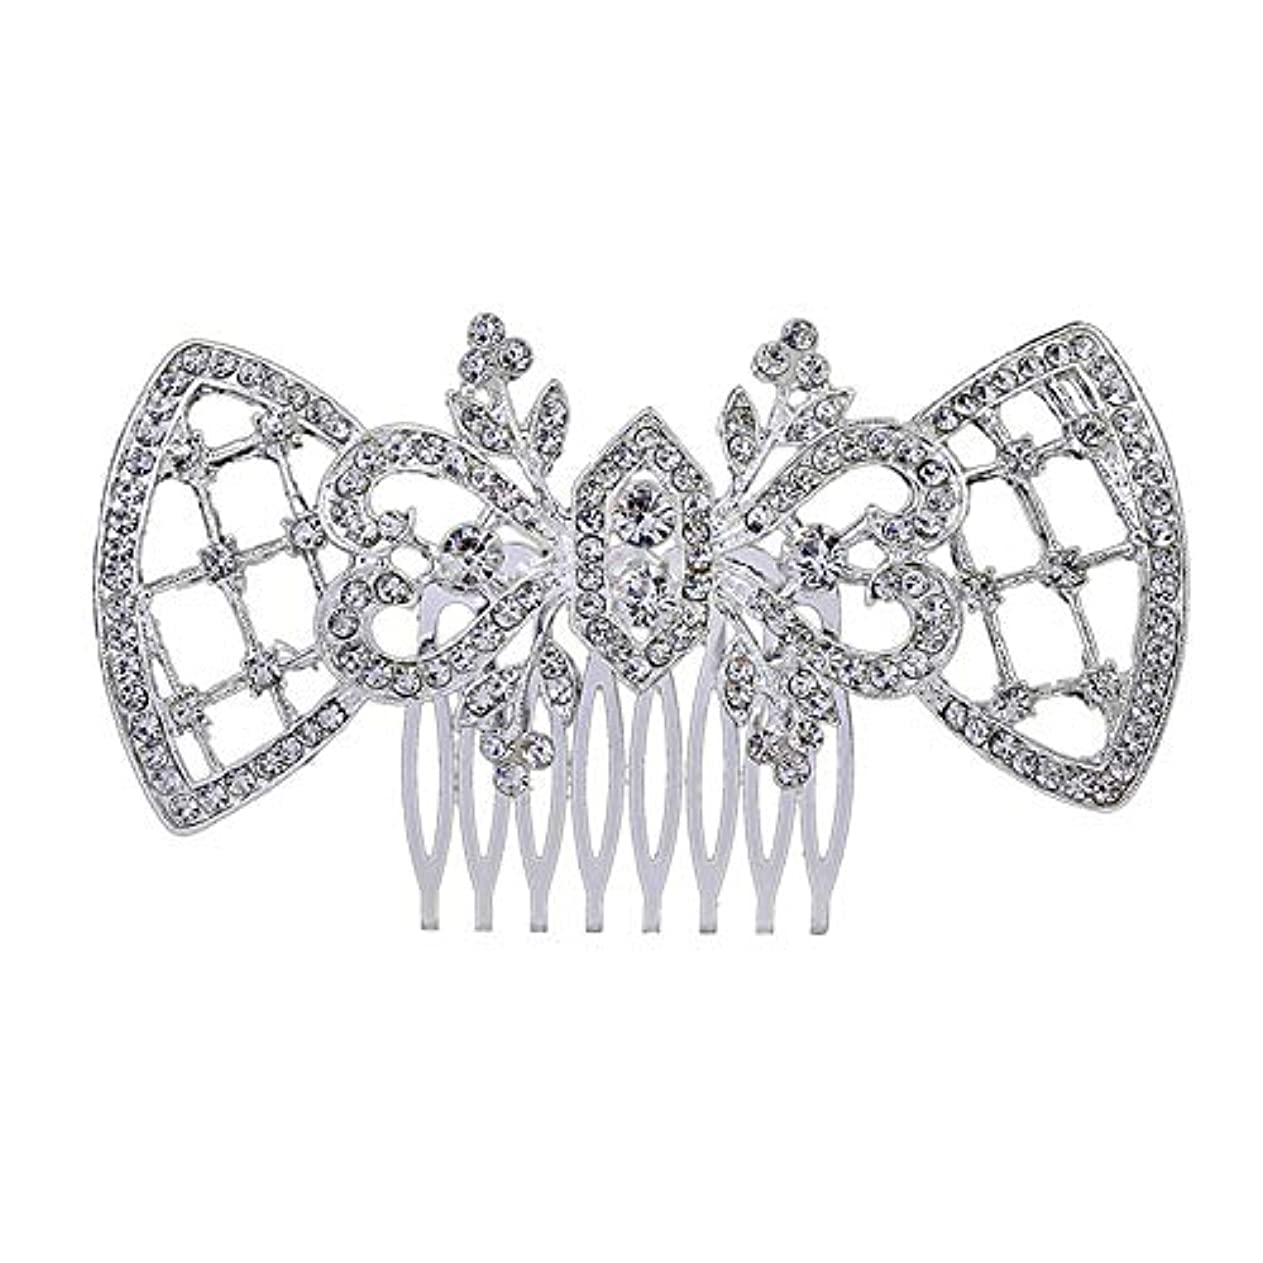 茎ピジン名目上の髪の櫛、櫛、ブライダル髪、髪の櫛、ハート形、ラインストーンの櫛、合金の帽子、結婚式のアクセサリー